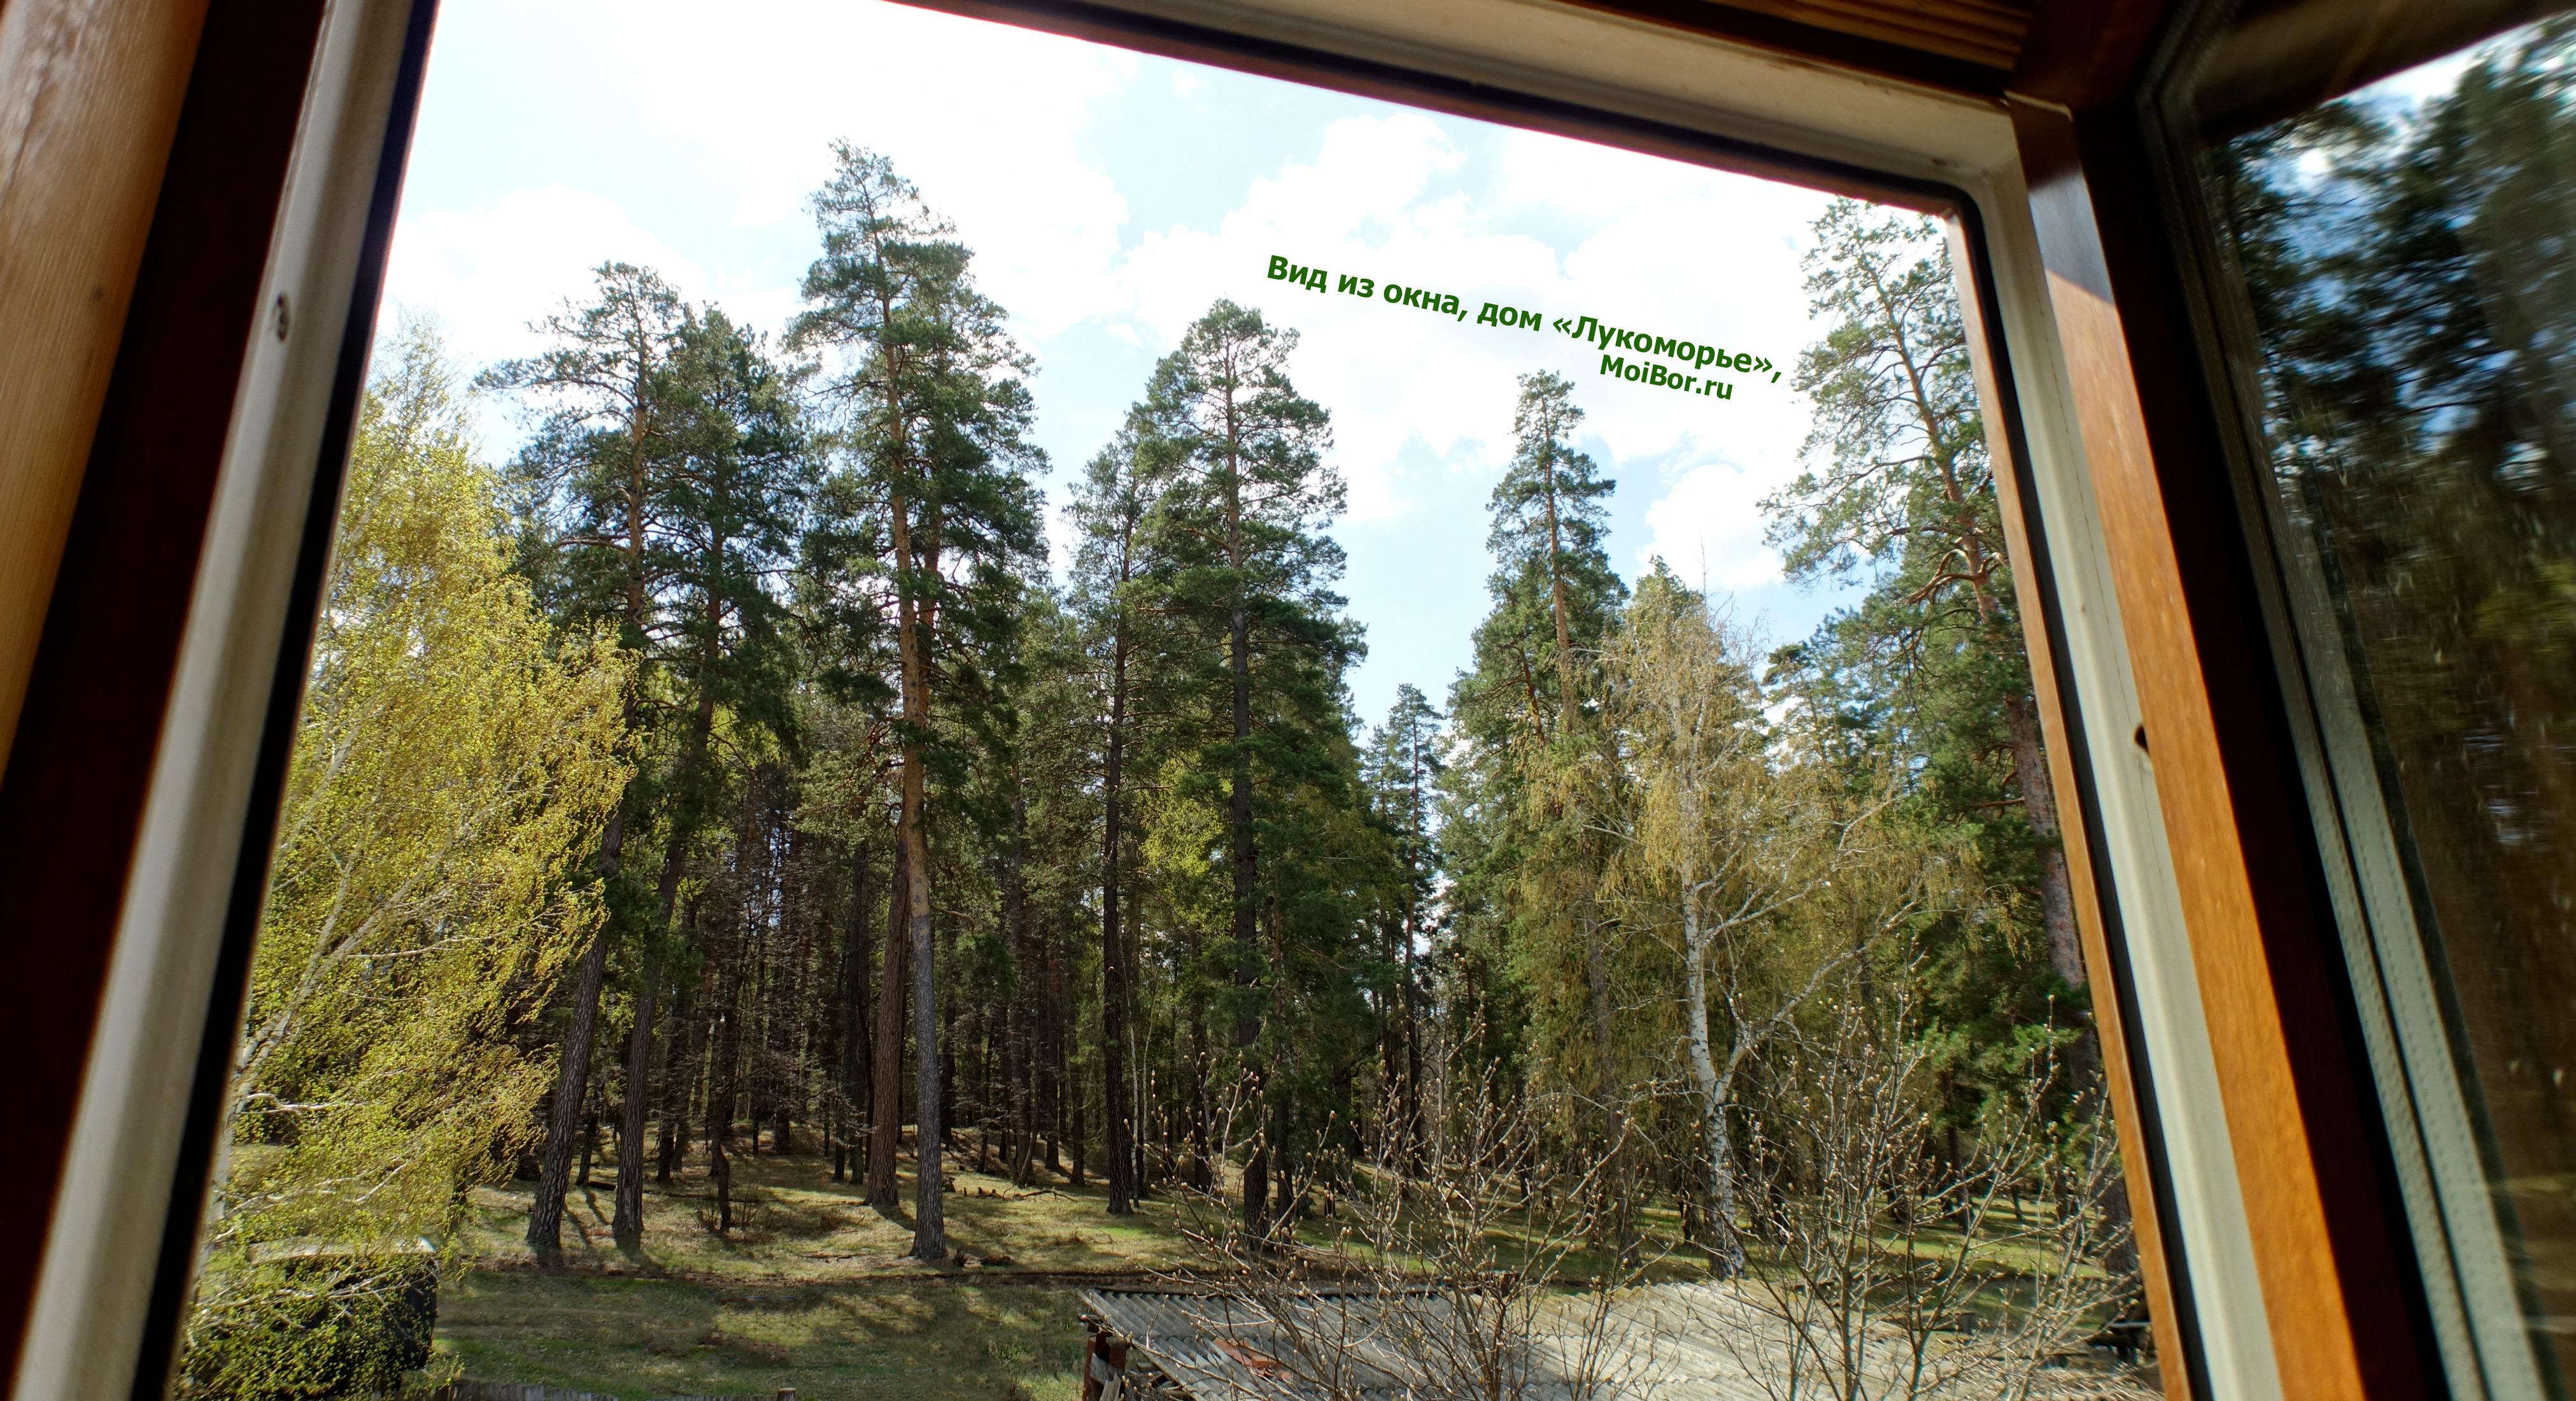 Вид из окна на Бузулукский бор